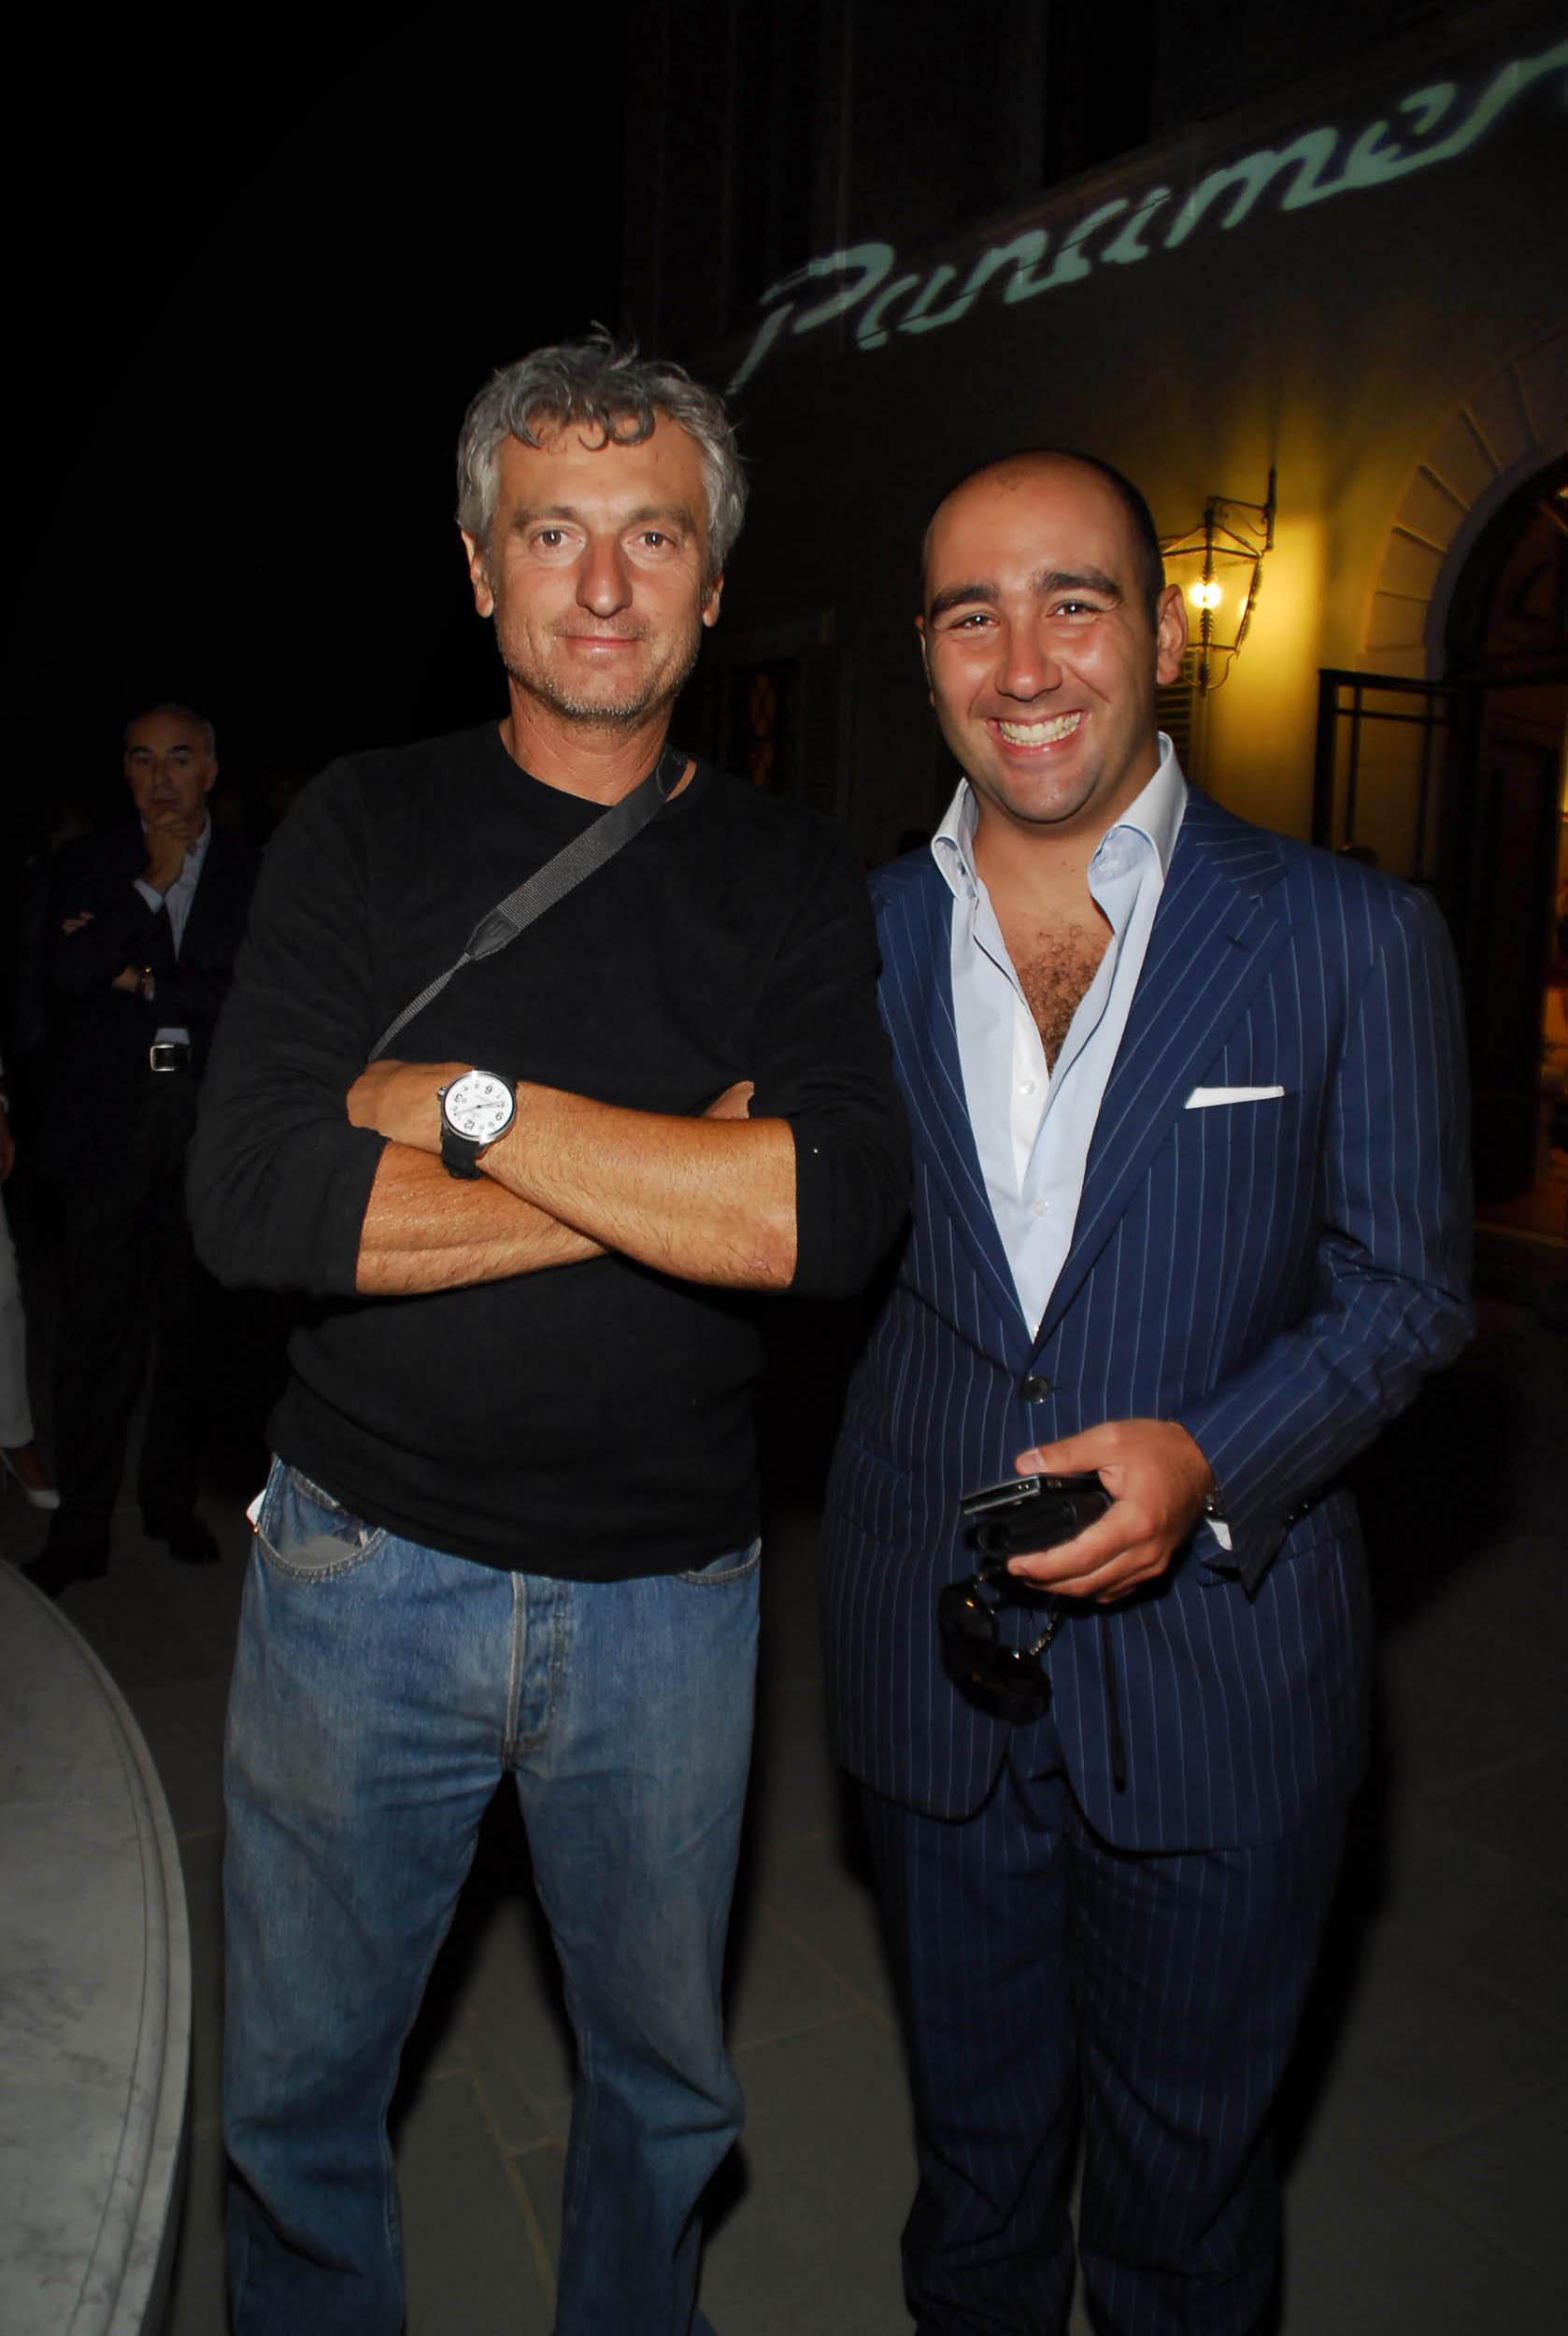 PRESSPHOTO  Firenze, Resort Villa Olmi, presentazione Porsche Panamera. Nella foto Filippo Ricci con Fabrizio della ditta Omikron